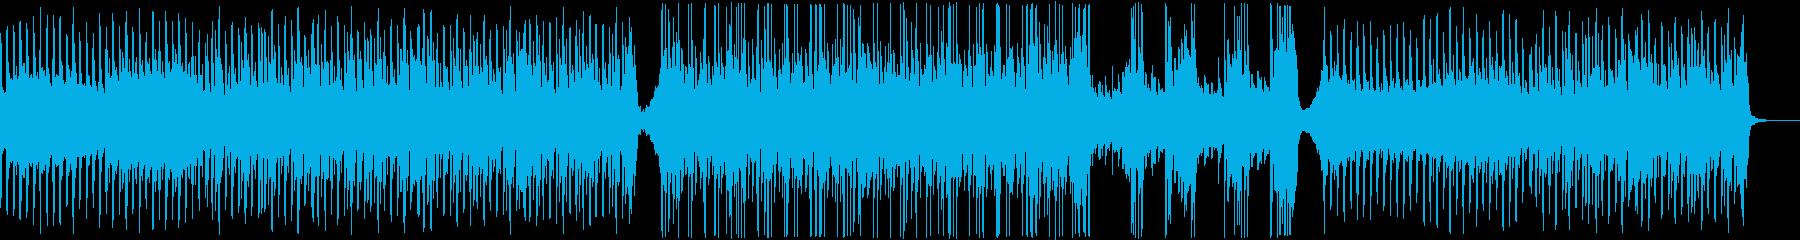 難題に立ち向かっていくよう雰囲気のBGMの再生済みの波形